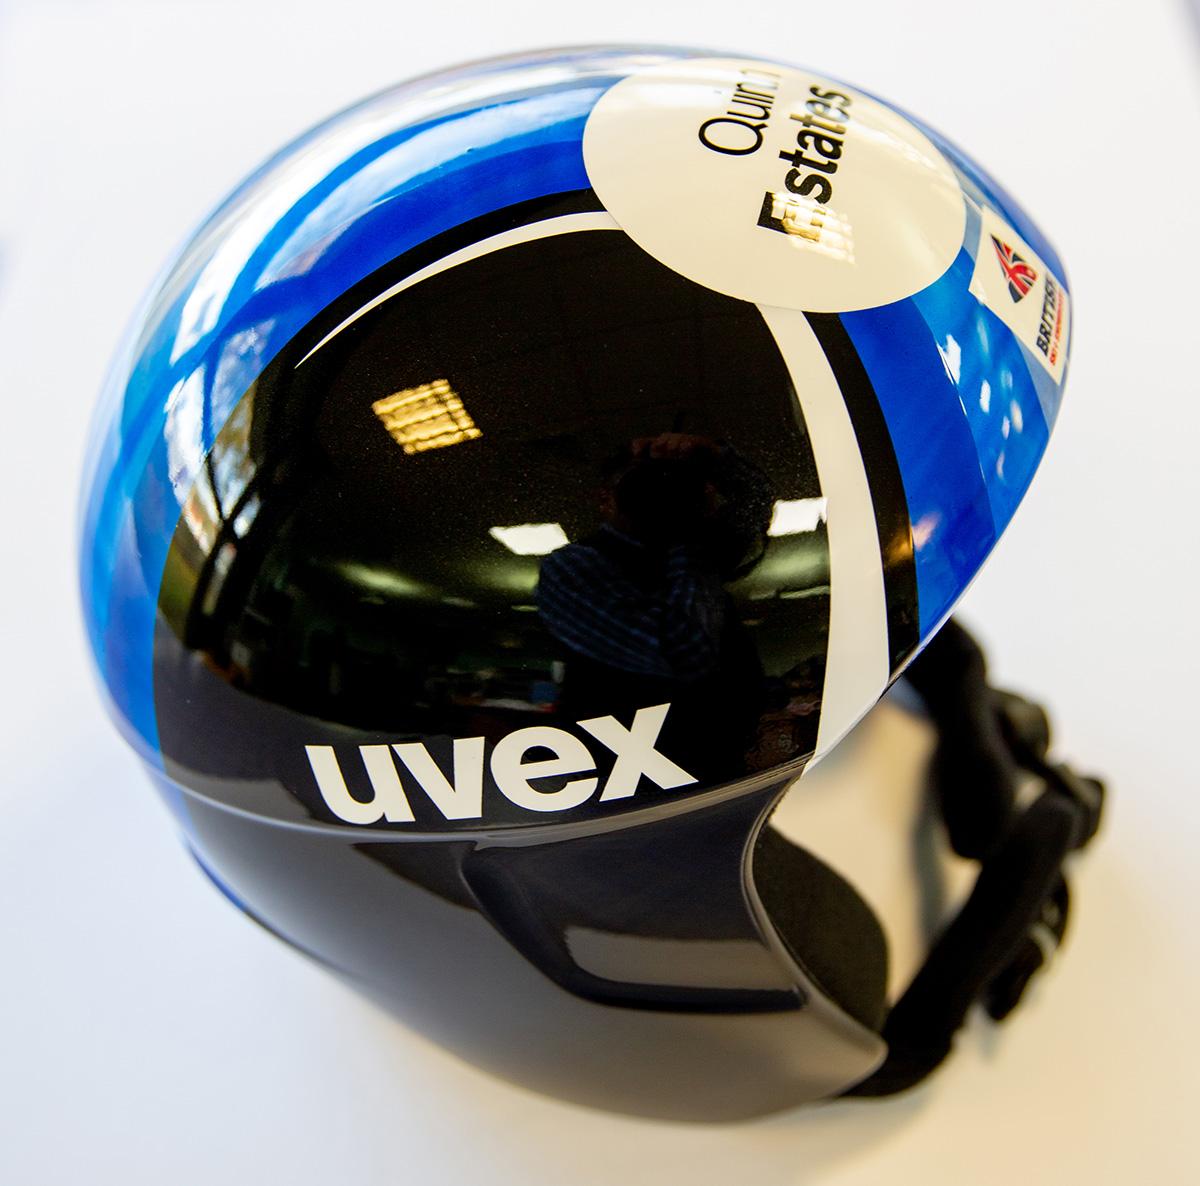 alex-tilley-custom-painted-uvex-ski-helmet